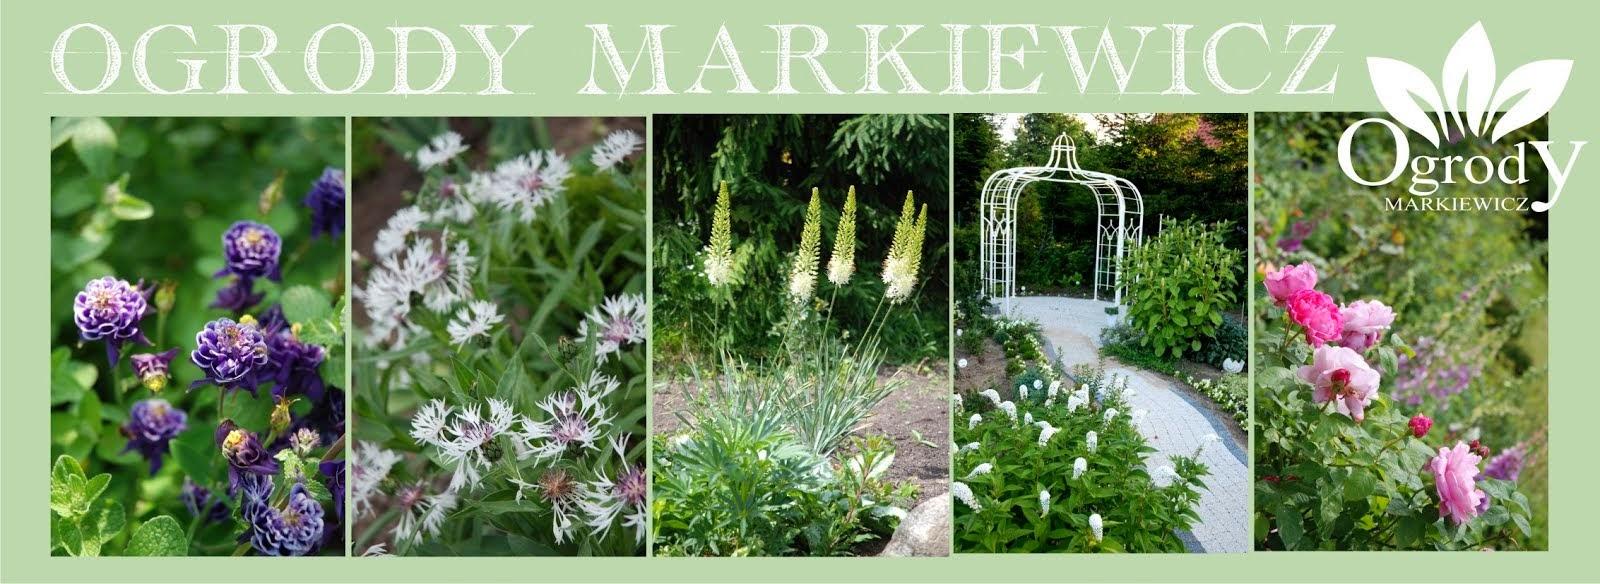 Ogrody Markiewicz